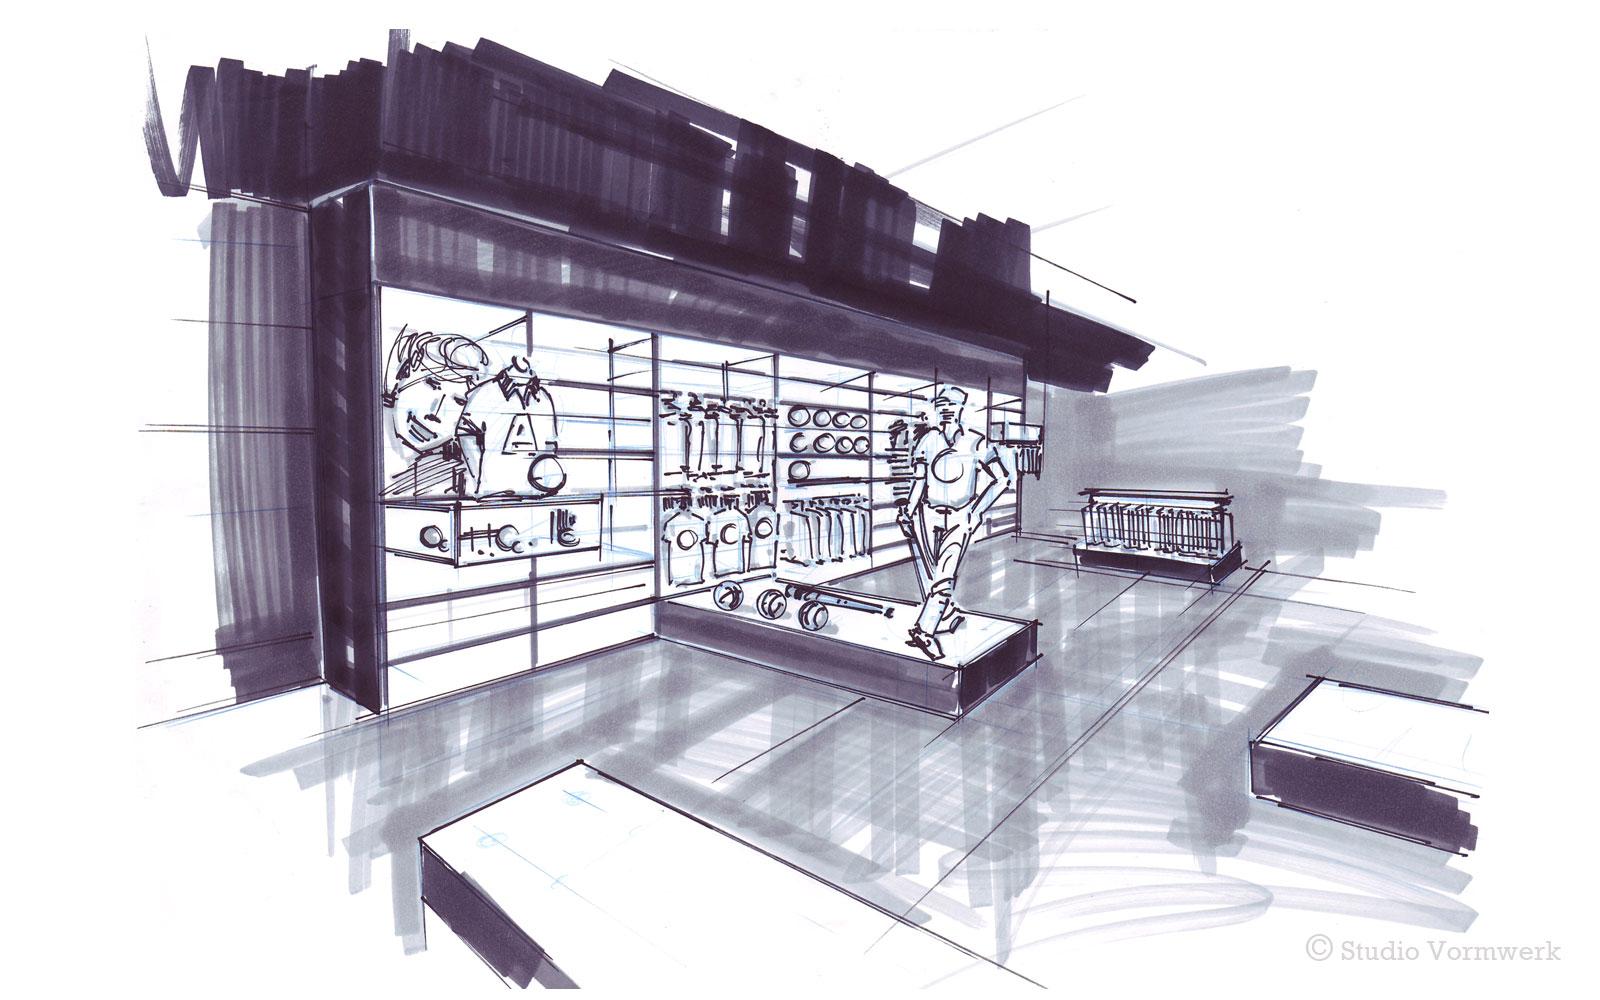 PerrySport / concept